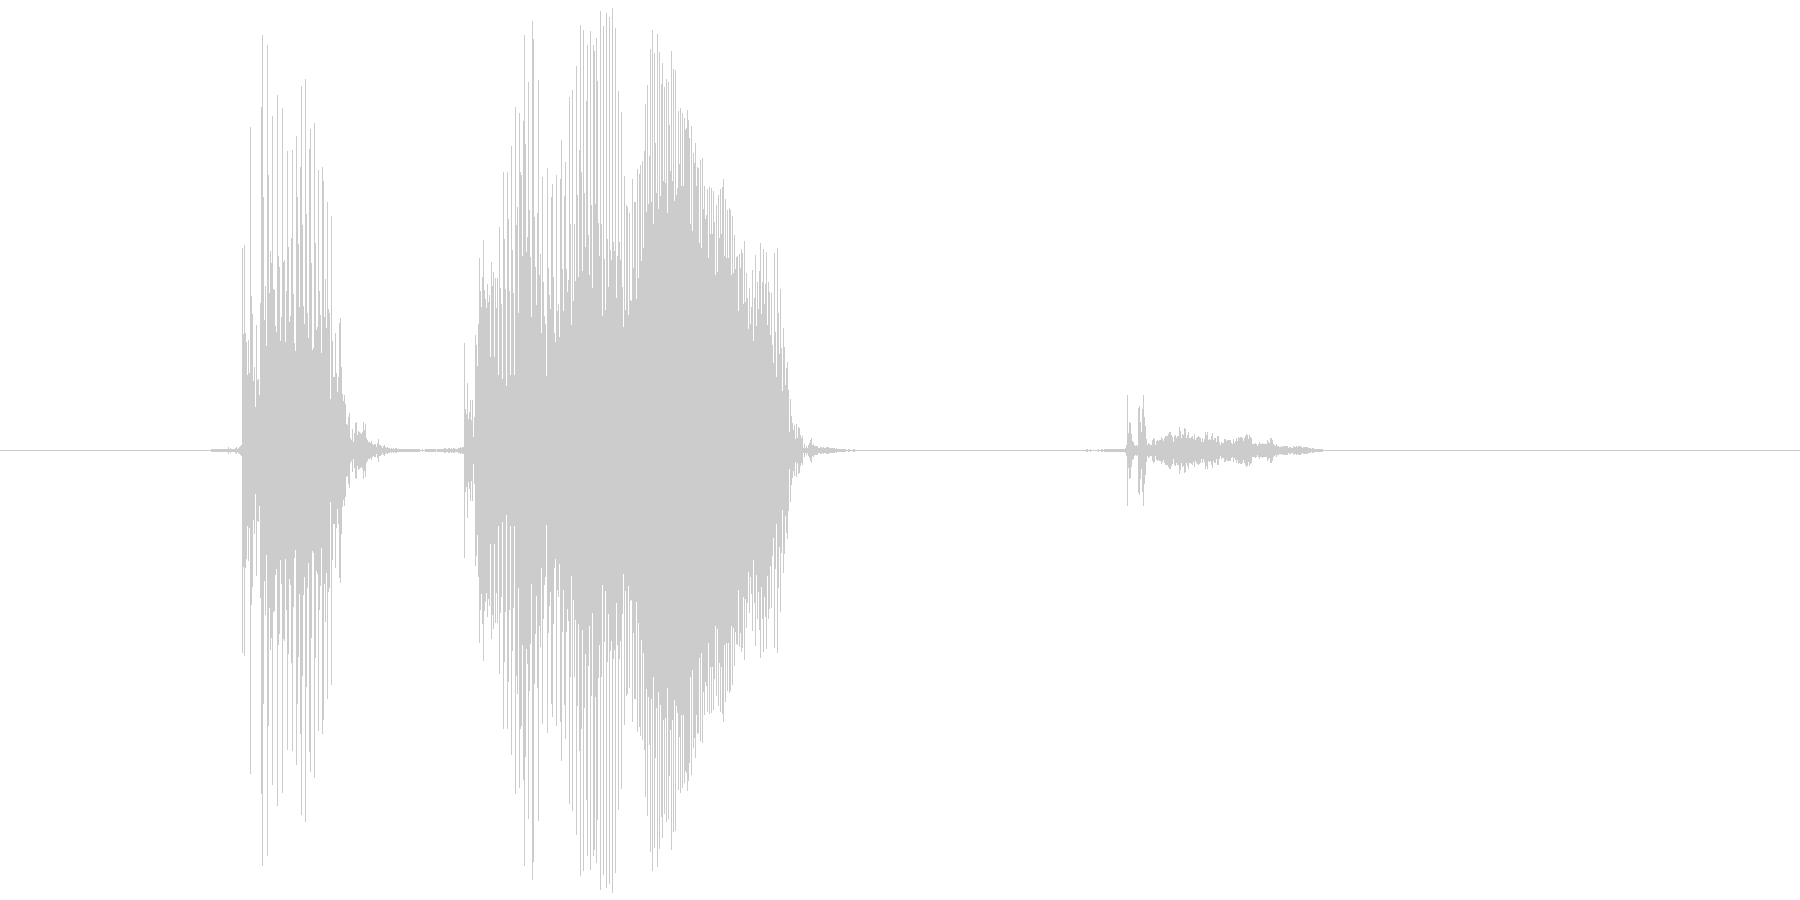 「アターック!」の未再生の波形